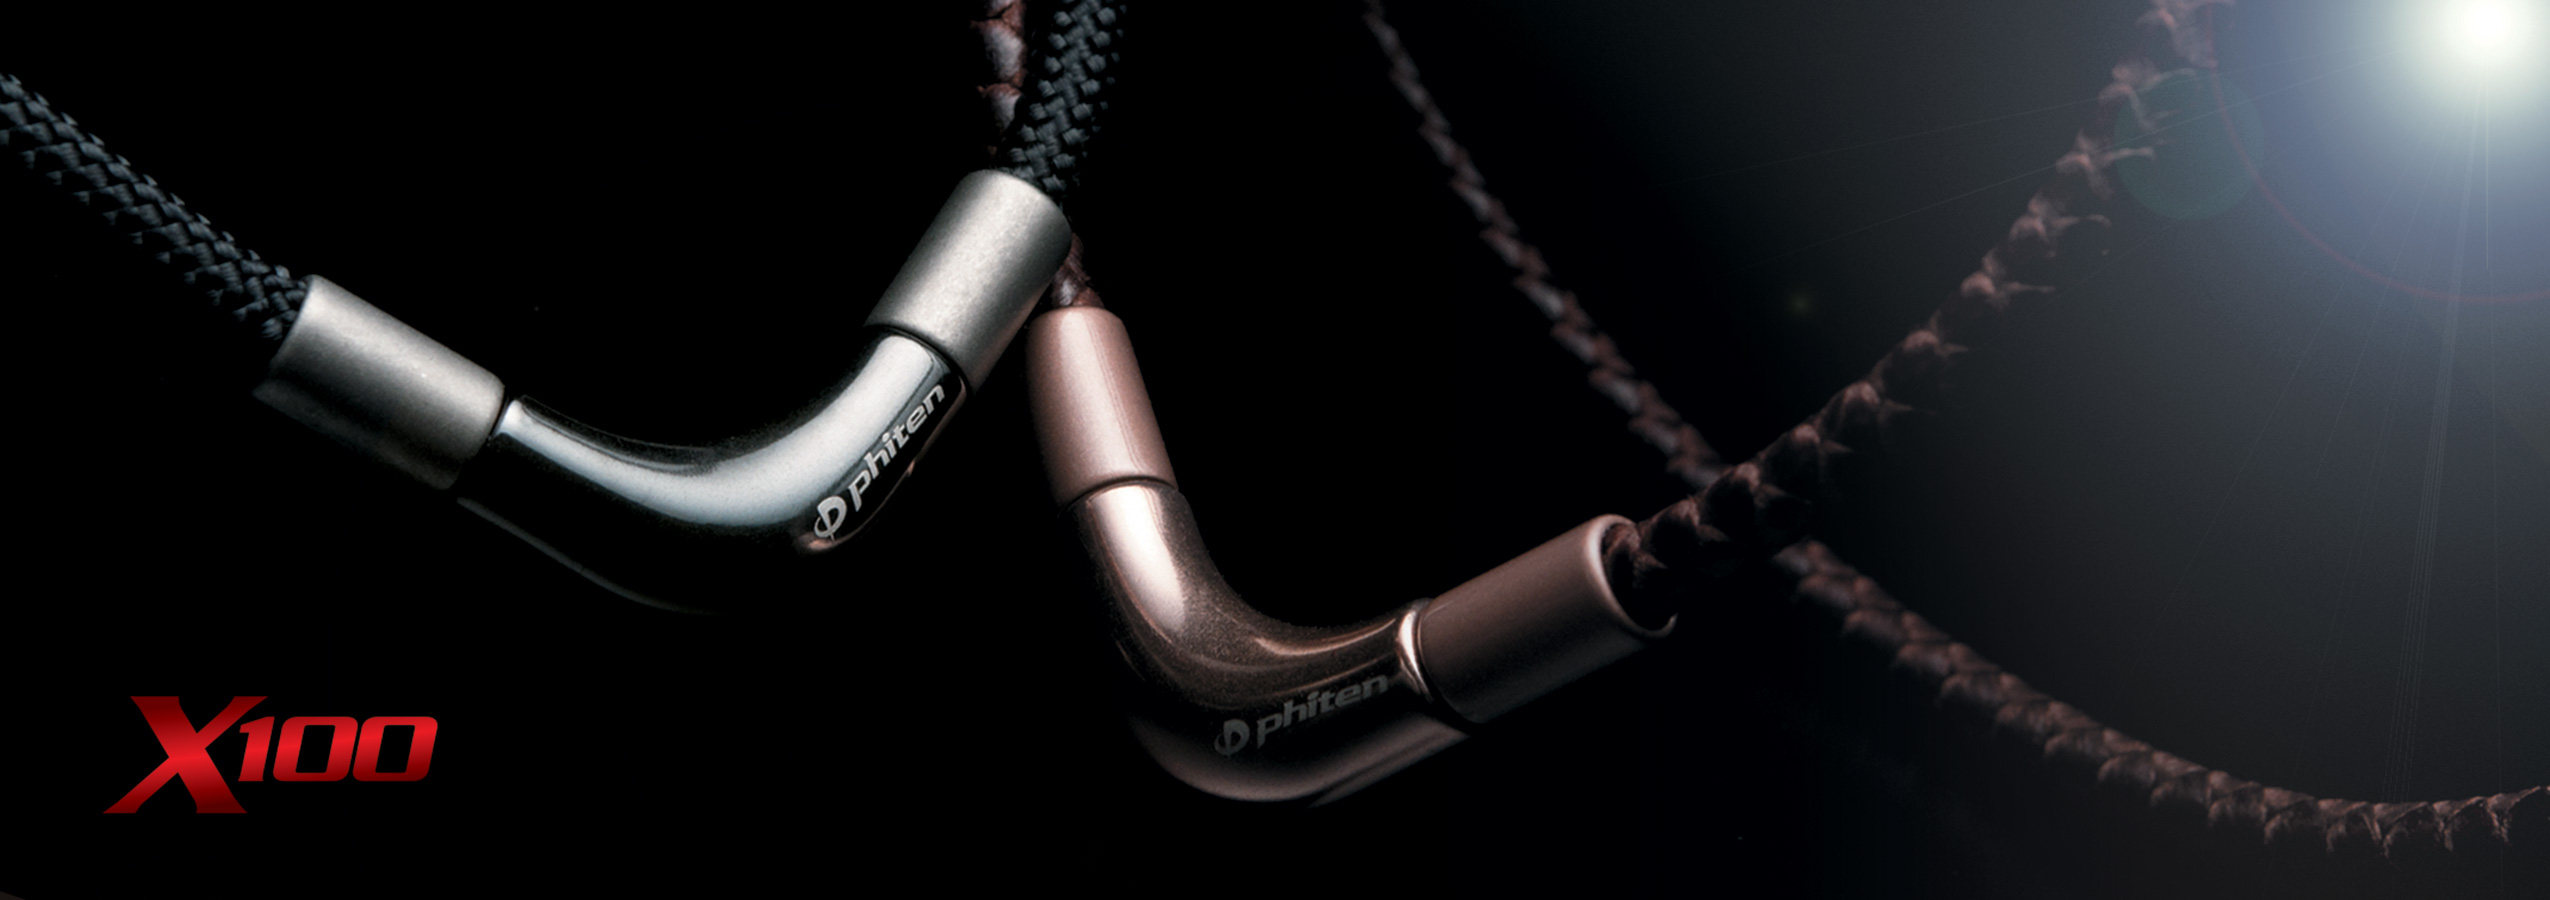 Phiten X100 Titanium Necklaces